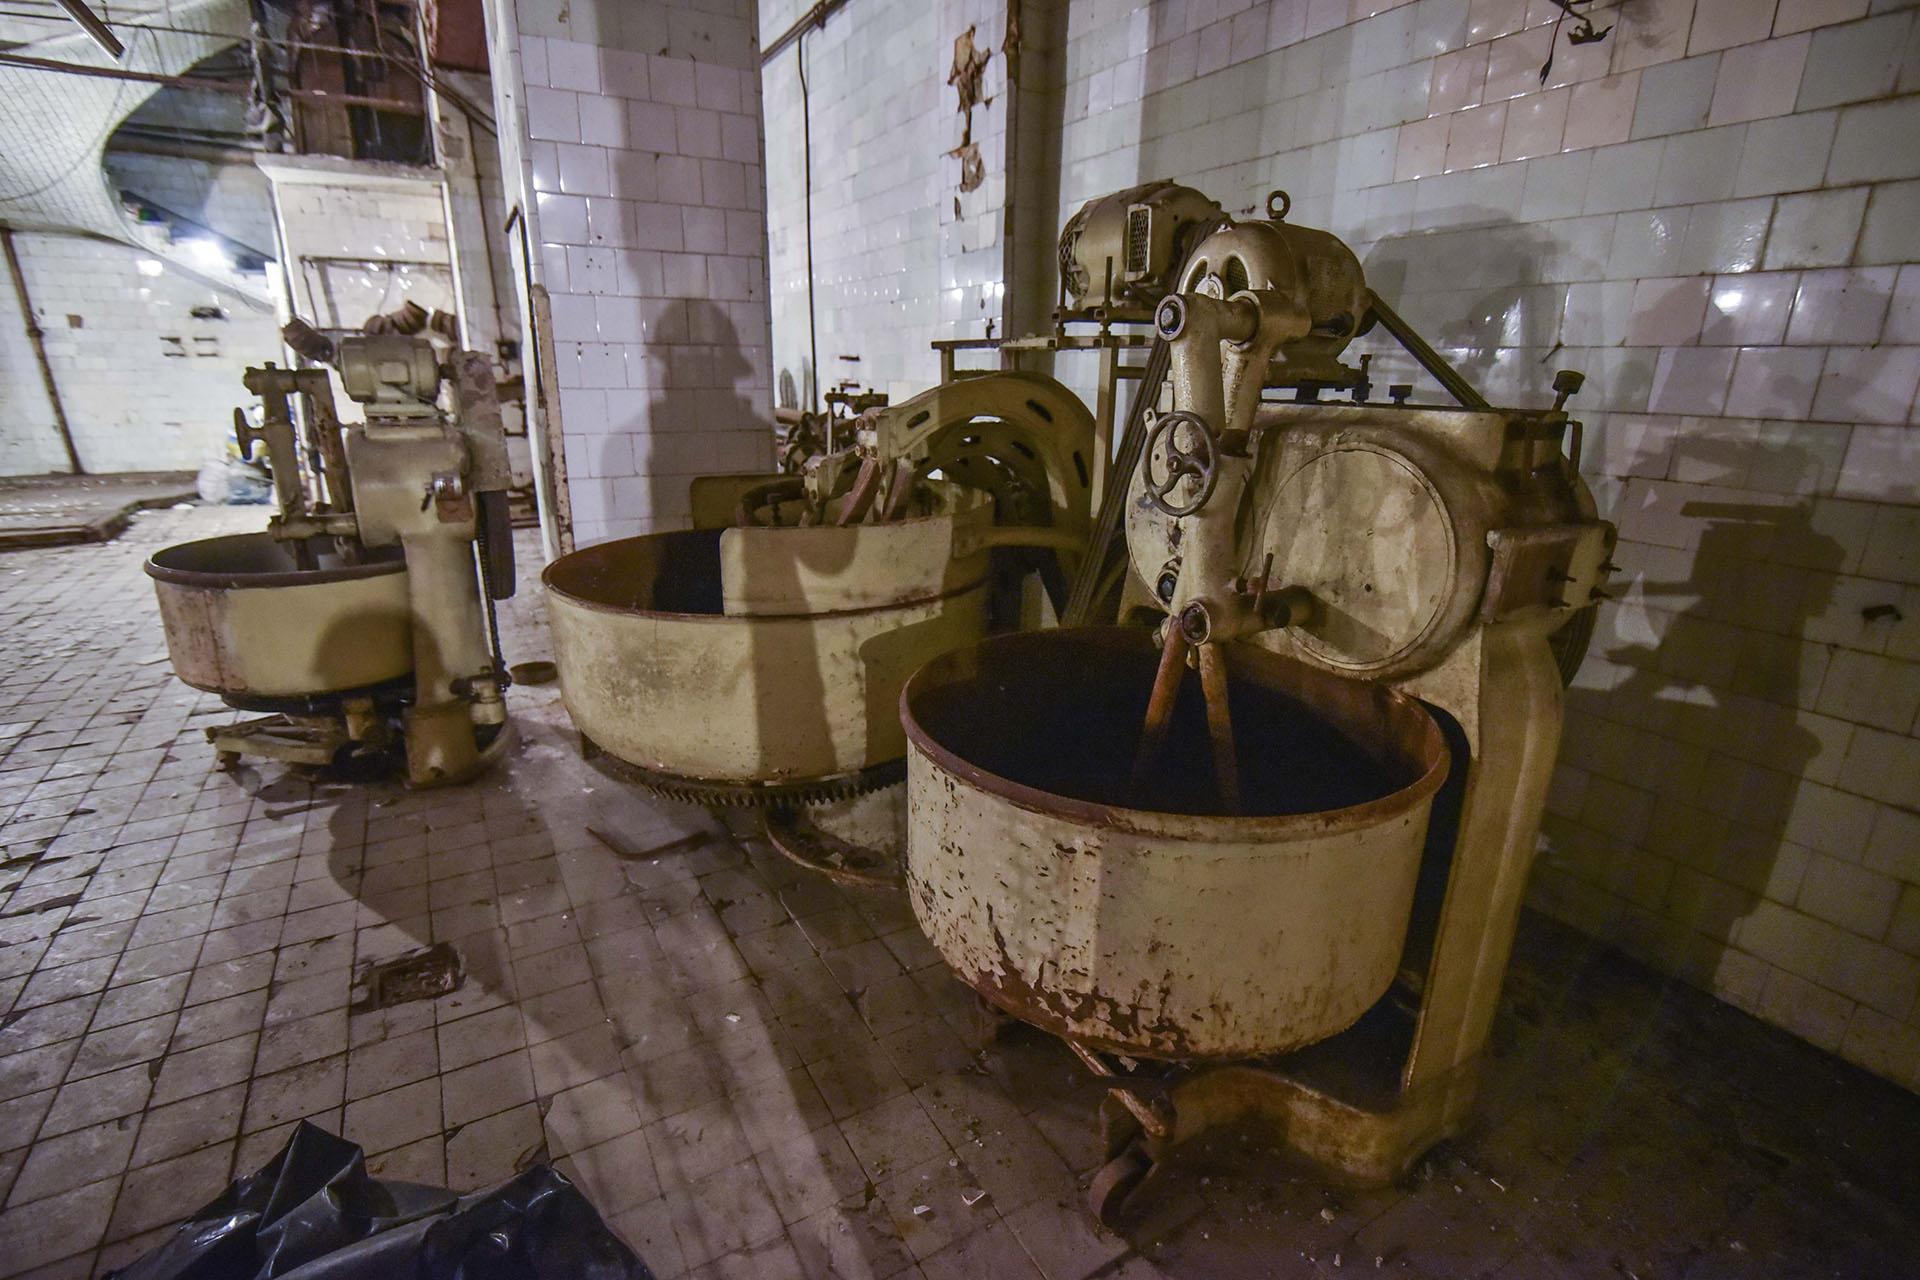 Las máquinas con las que se preparaba la destacada pastelería del café eran de avanzada para su época